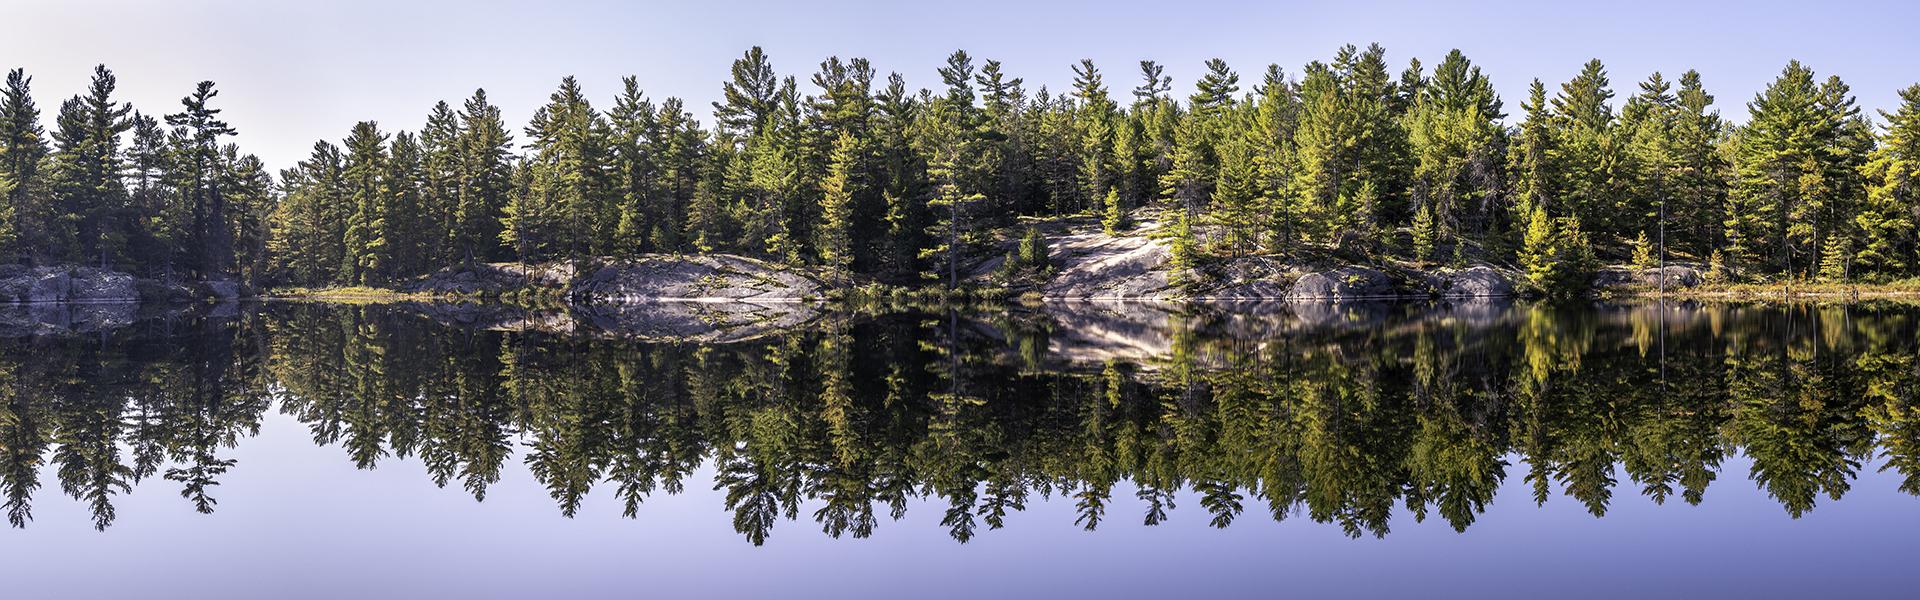 banner_Moira-s-Pond-1920x600-72dpi.20210516002503.jpg